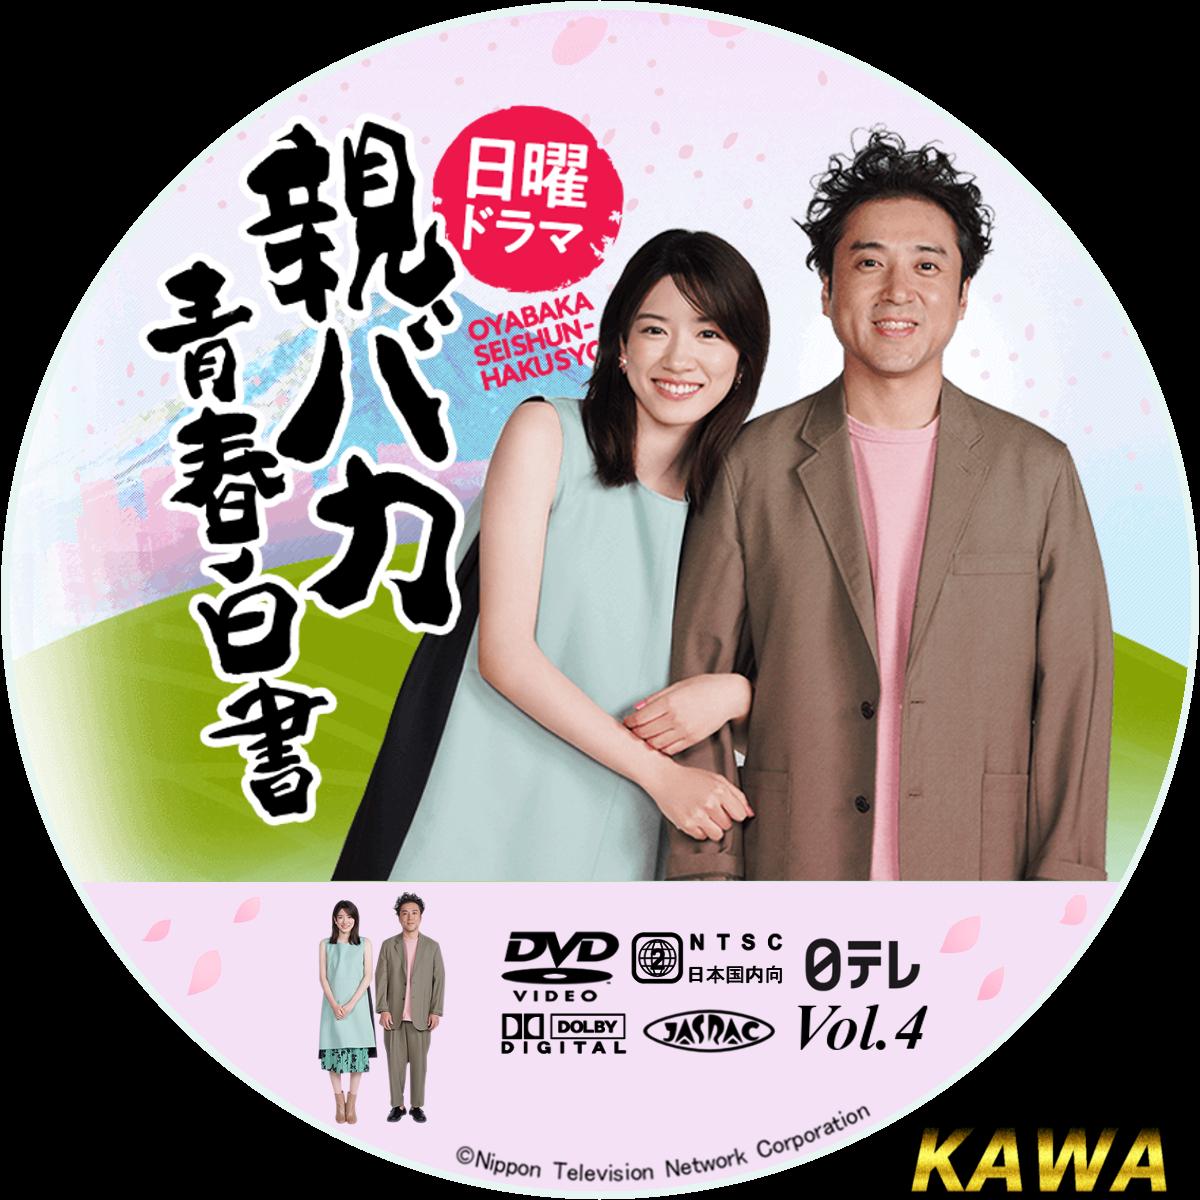 親 バカ 青春 白書 親バカ青春白書|日本テレビ